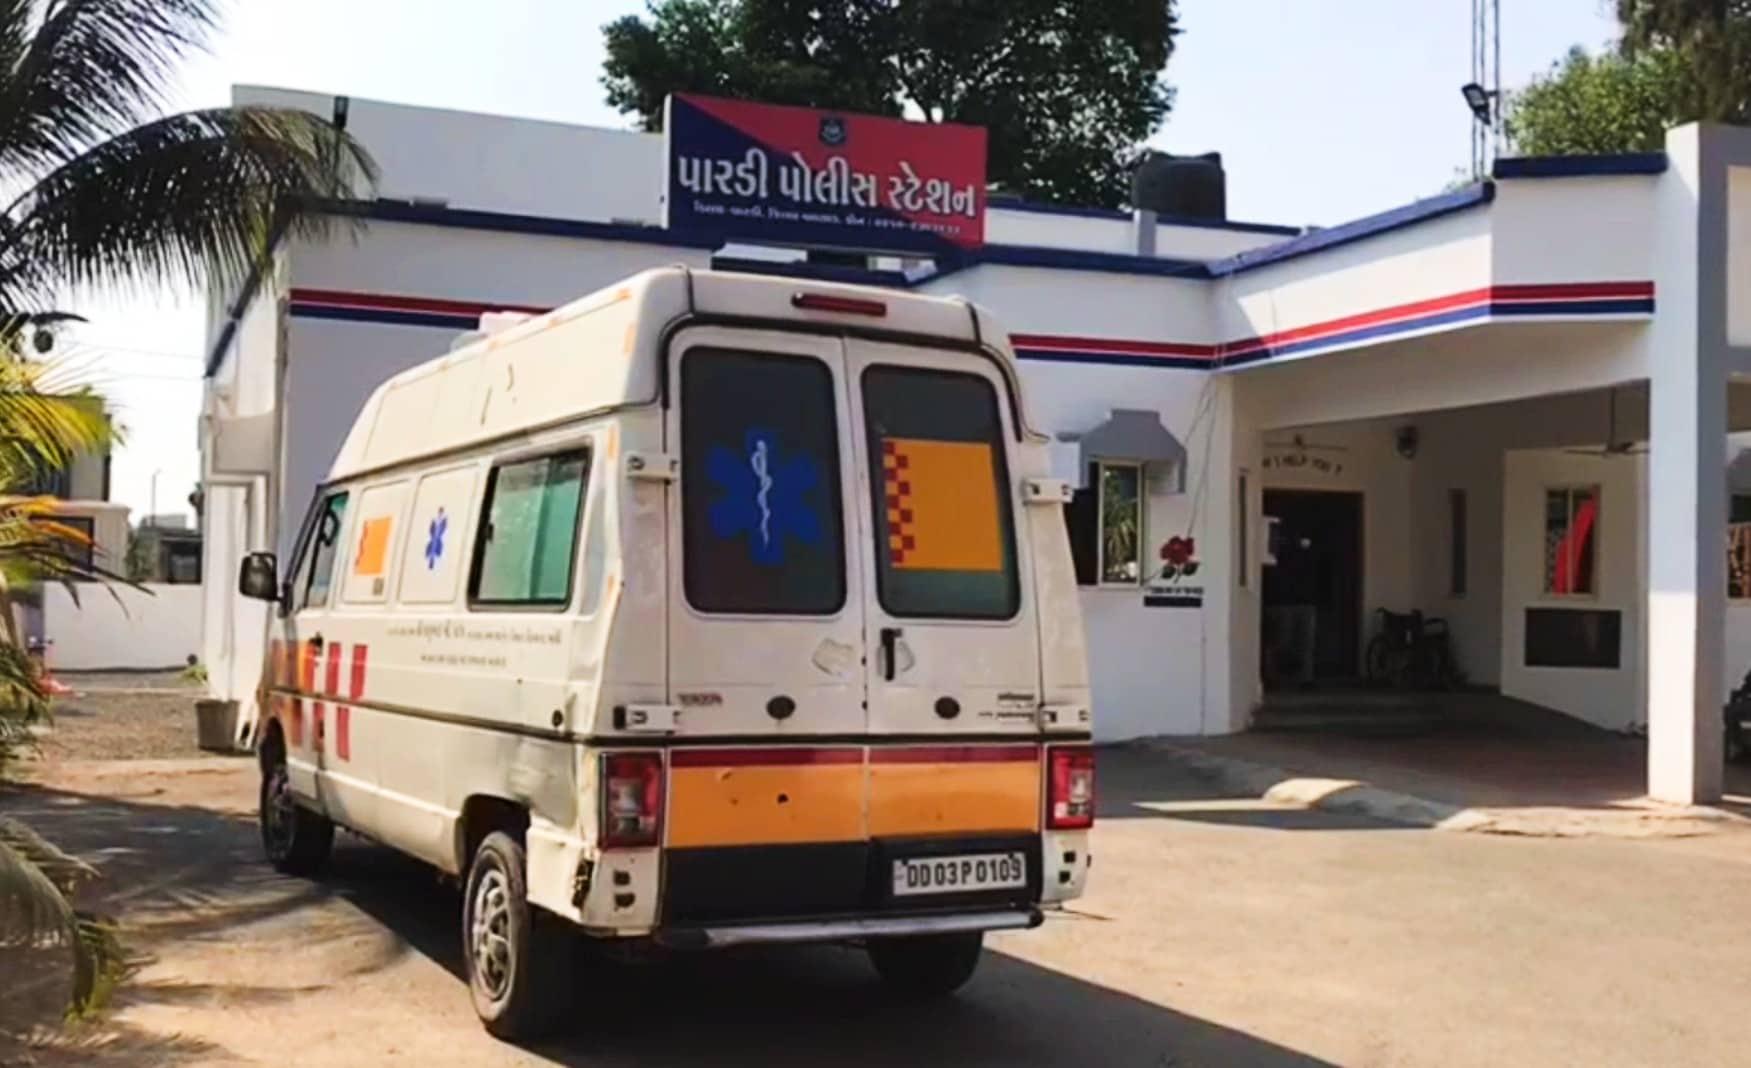 મહત્વપૂર્ણ છે કે દારૂના ગેરકાયદેસર ધંધા માં મોટી કમાણીને કારણે અત્યાર સુધી દમણમાંથી ગુજરાતમાં દારૂની હેરાફેરી કરતા કેટલાક સરકારી કર્મચારીઓ ,ખુદ પોલીસ કર્મીઓ પણ ઝડપાઇ ચૂકયા છે ત્યારે હવે સરકારી હોસ્પિટલની એમ્બ્યુલન્સ માંથી પણ દારૂની હેરાફેરી થતી હોવાનું બહાર આવતાં મામલાને ગંભીરતાથી લઇ વલસાડ જિલ્લાની પારડી પોલીસે ઊંડાણપૂર્વક તપાસહાથ ધરી છે.